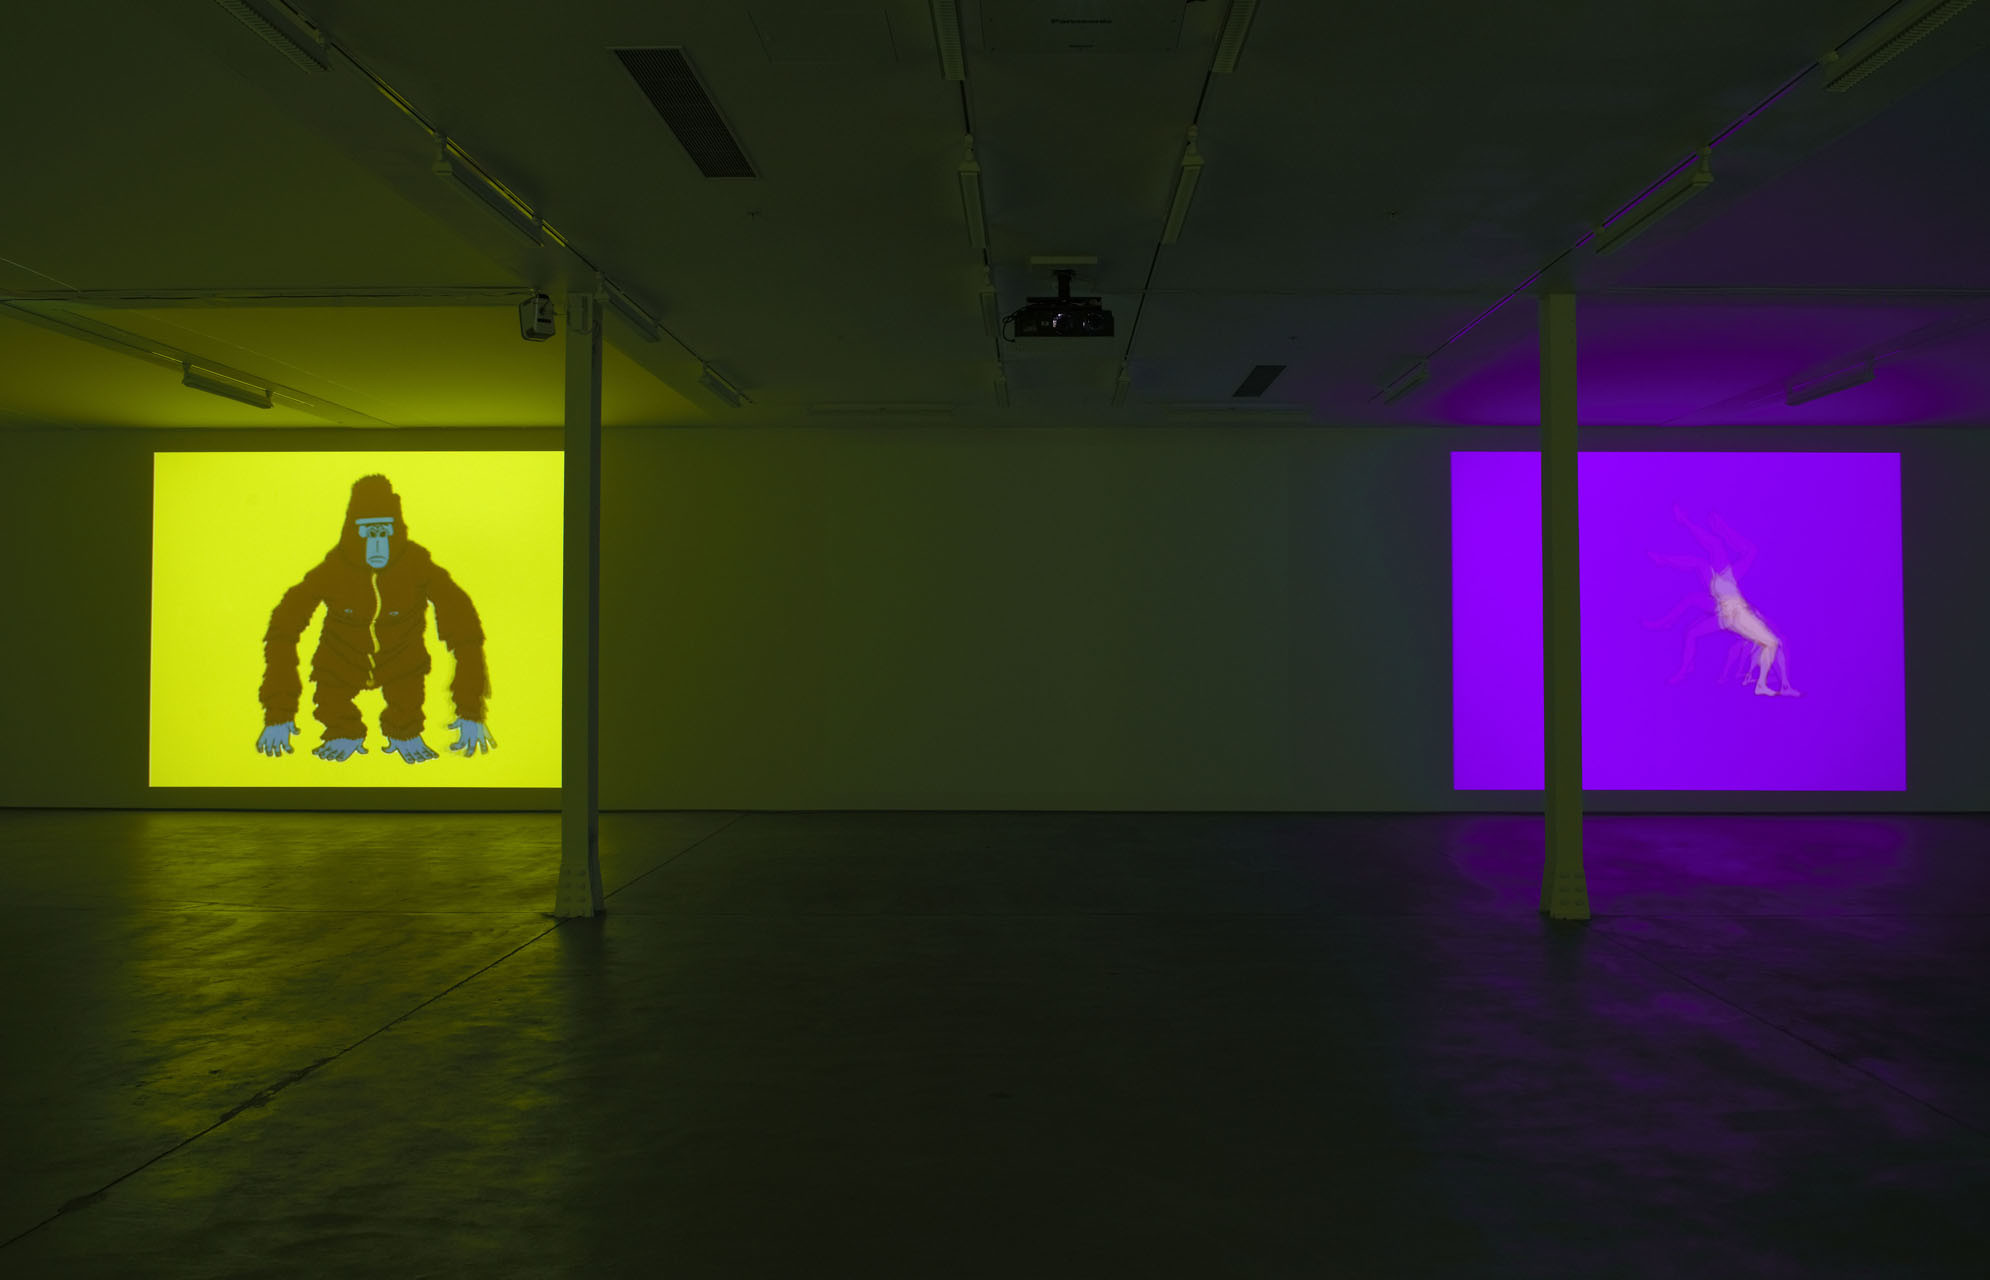 """<div class=""""artwork_caption""""><p>Installation View, 2015</p></div>"""